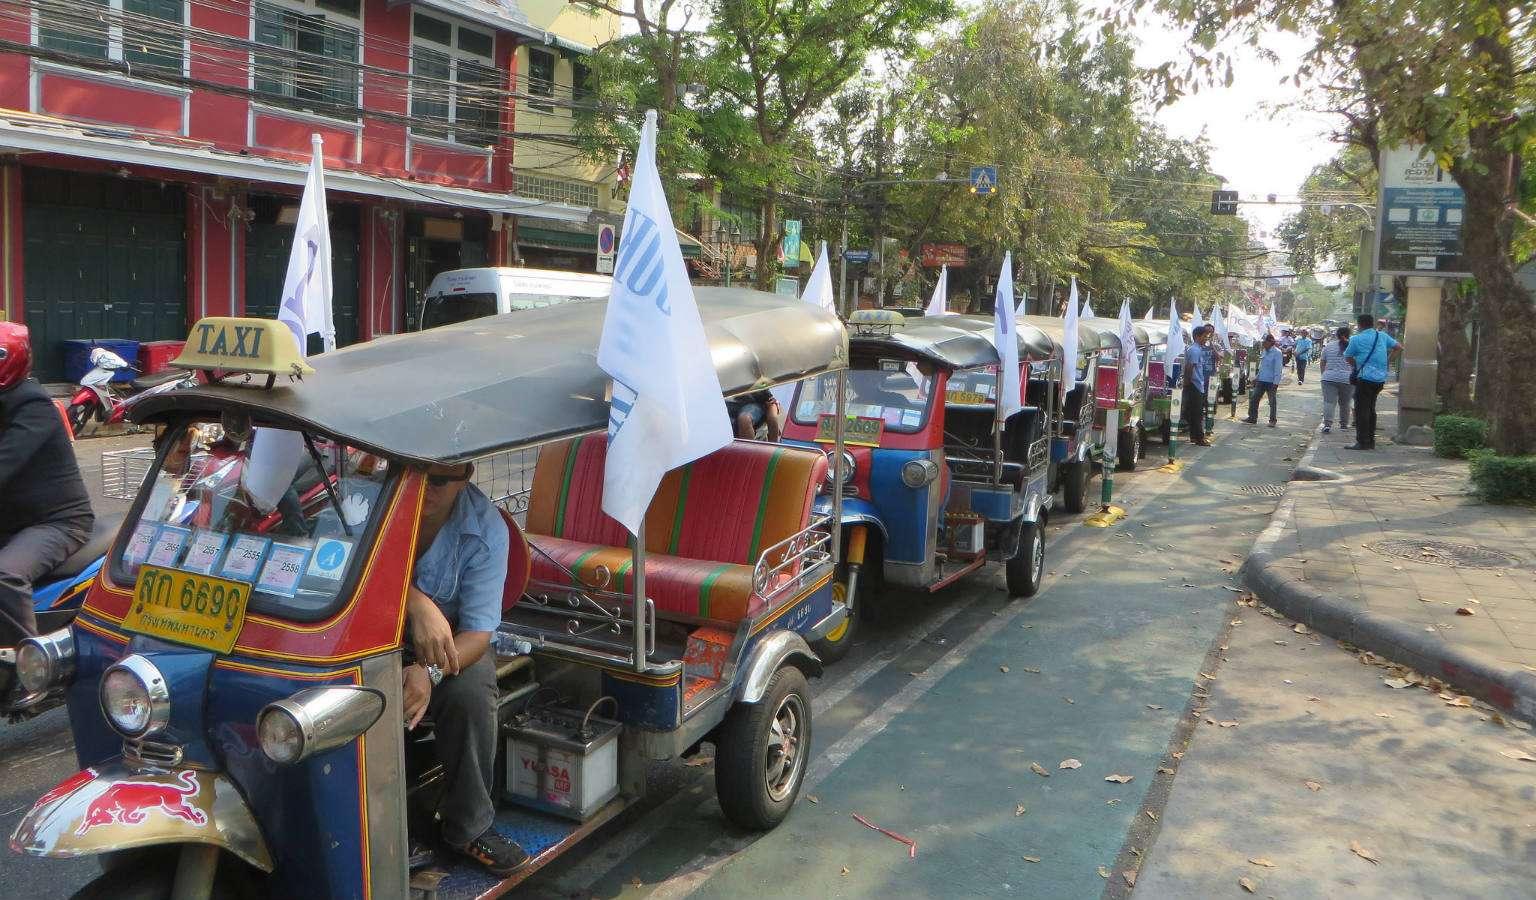 Een hele rij geparkeerde lege Tuk Tuk met bestuurder die wachten op klanten.